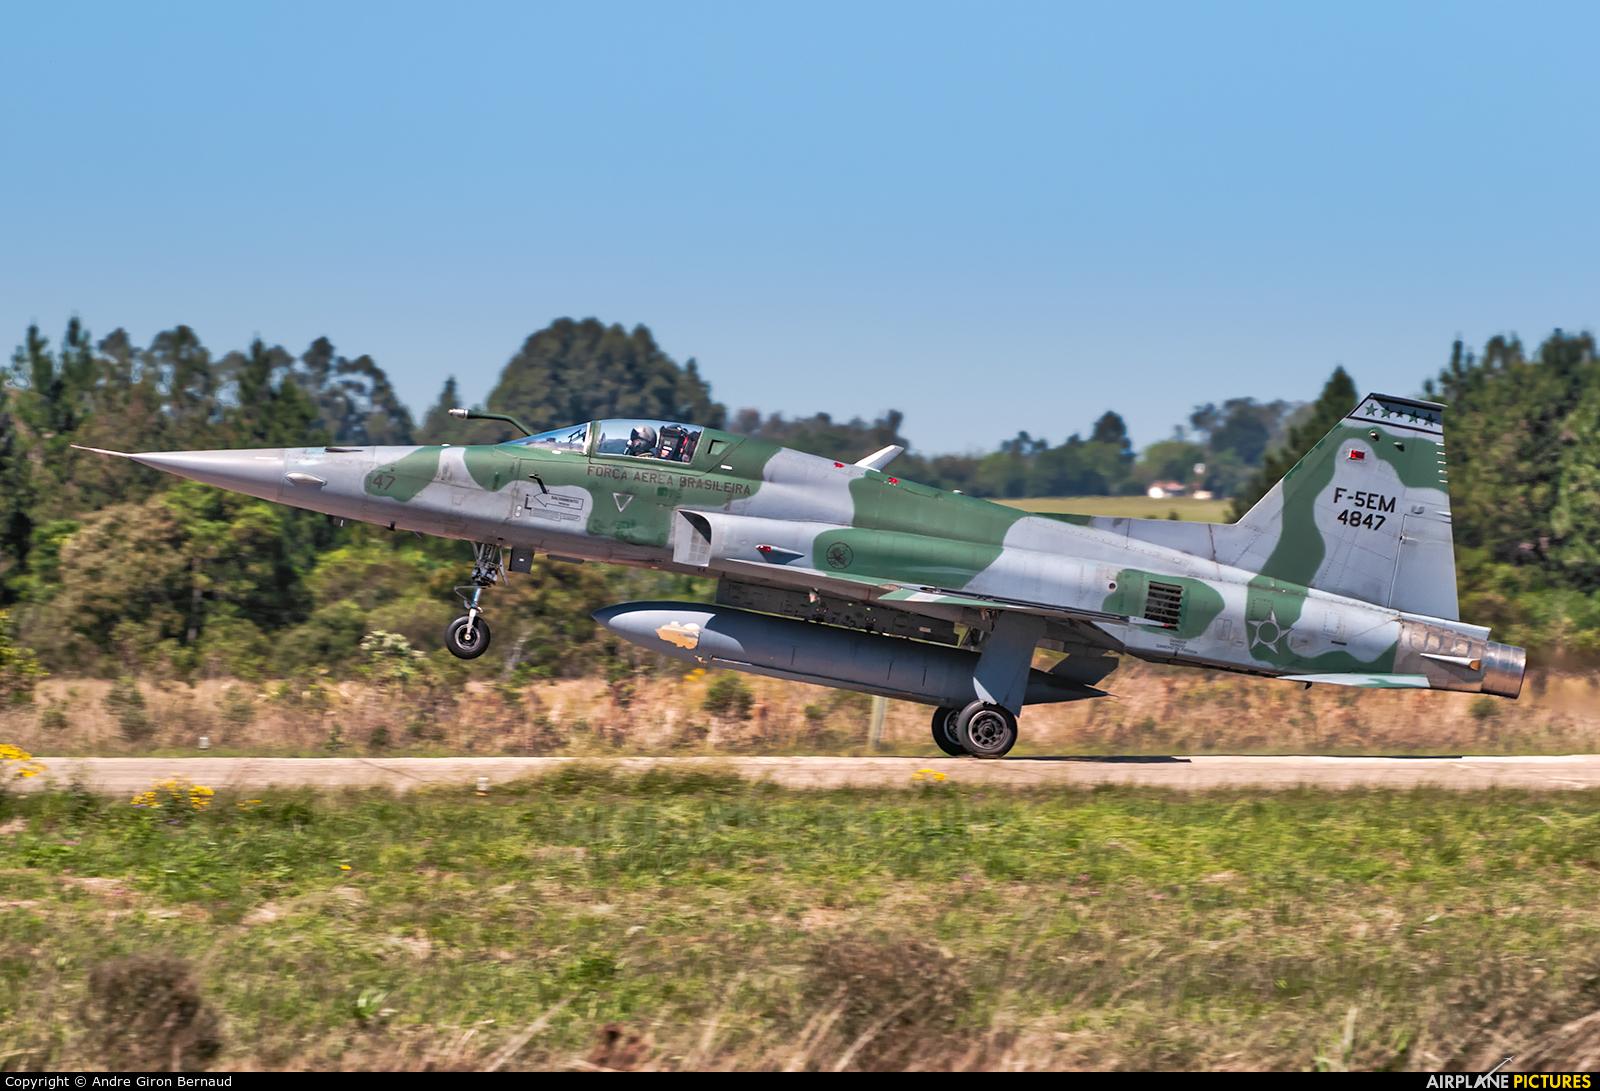 Brazil - Air Force 4847 aircraft at Santa Maria